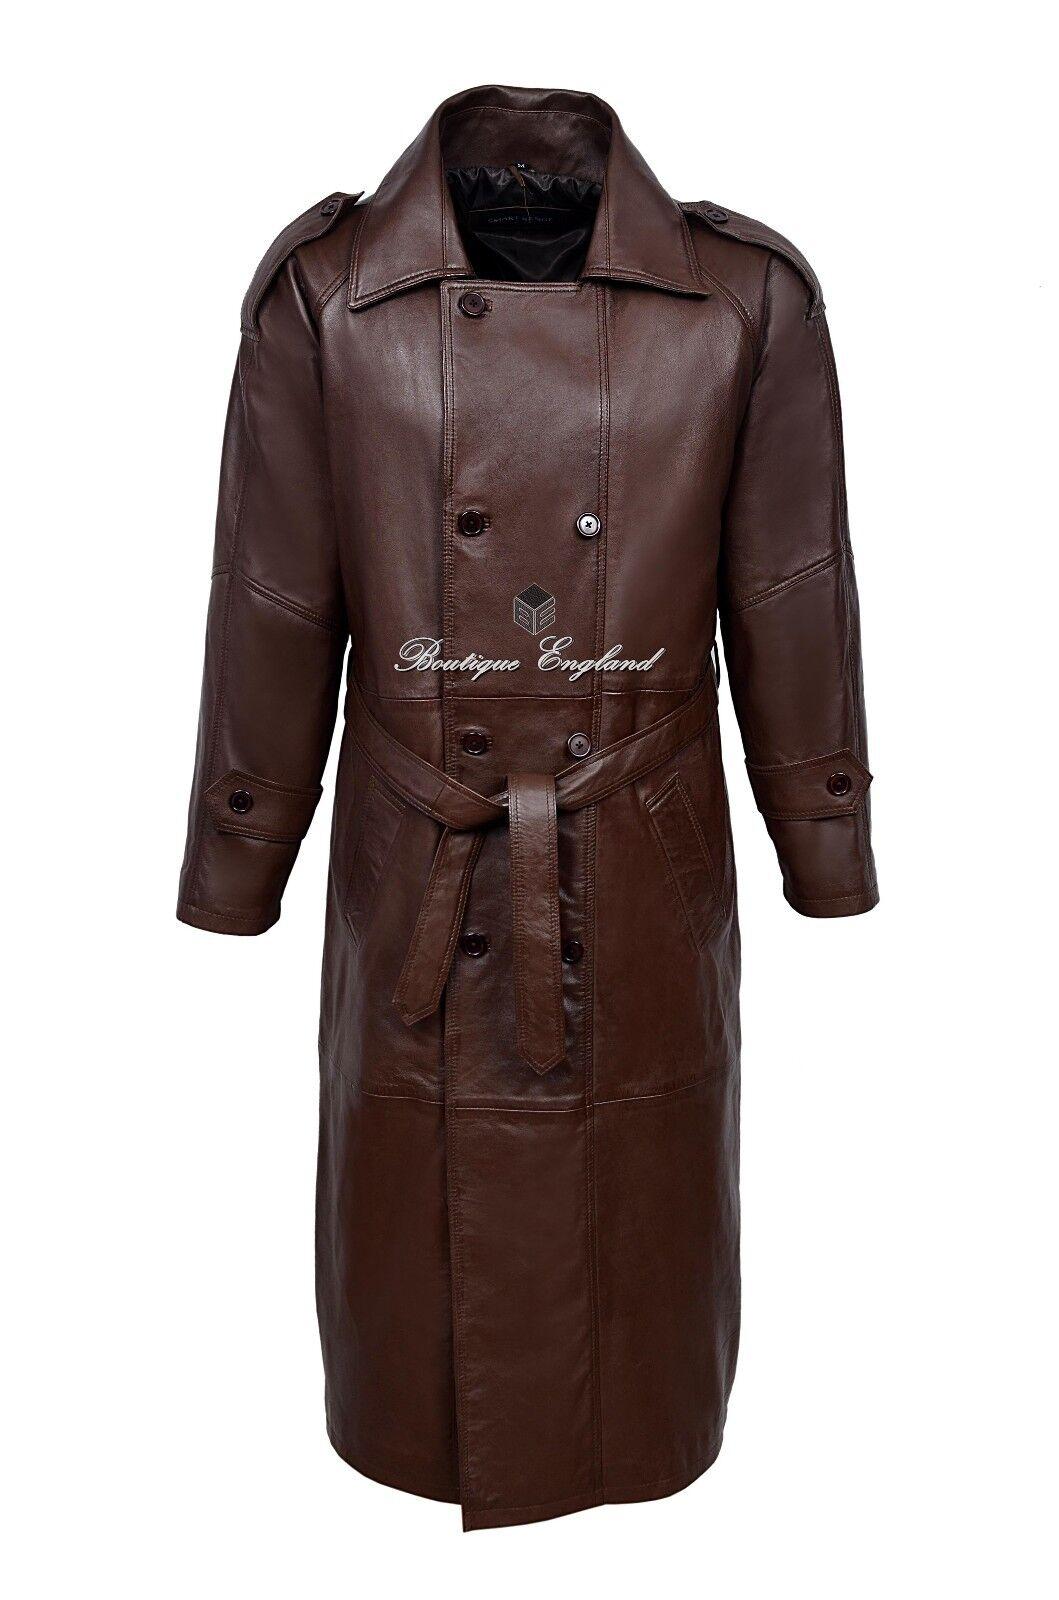 Herren Long Coat Leder Braun   Classic Double Breasted Style 100% Leder (6965)